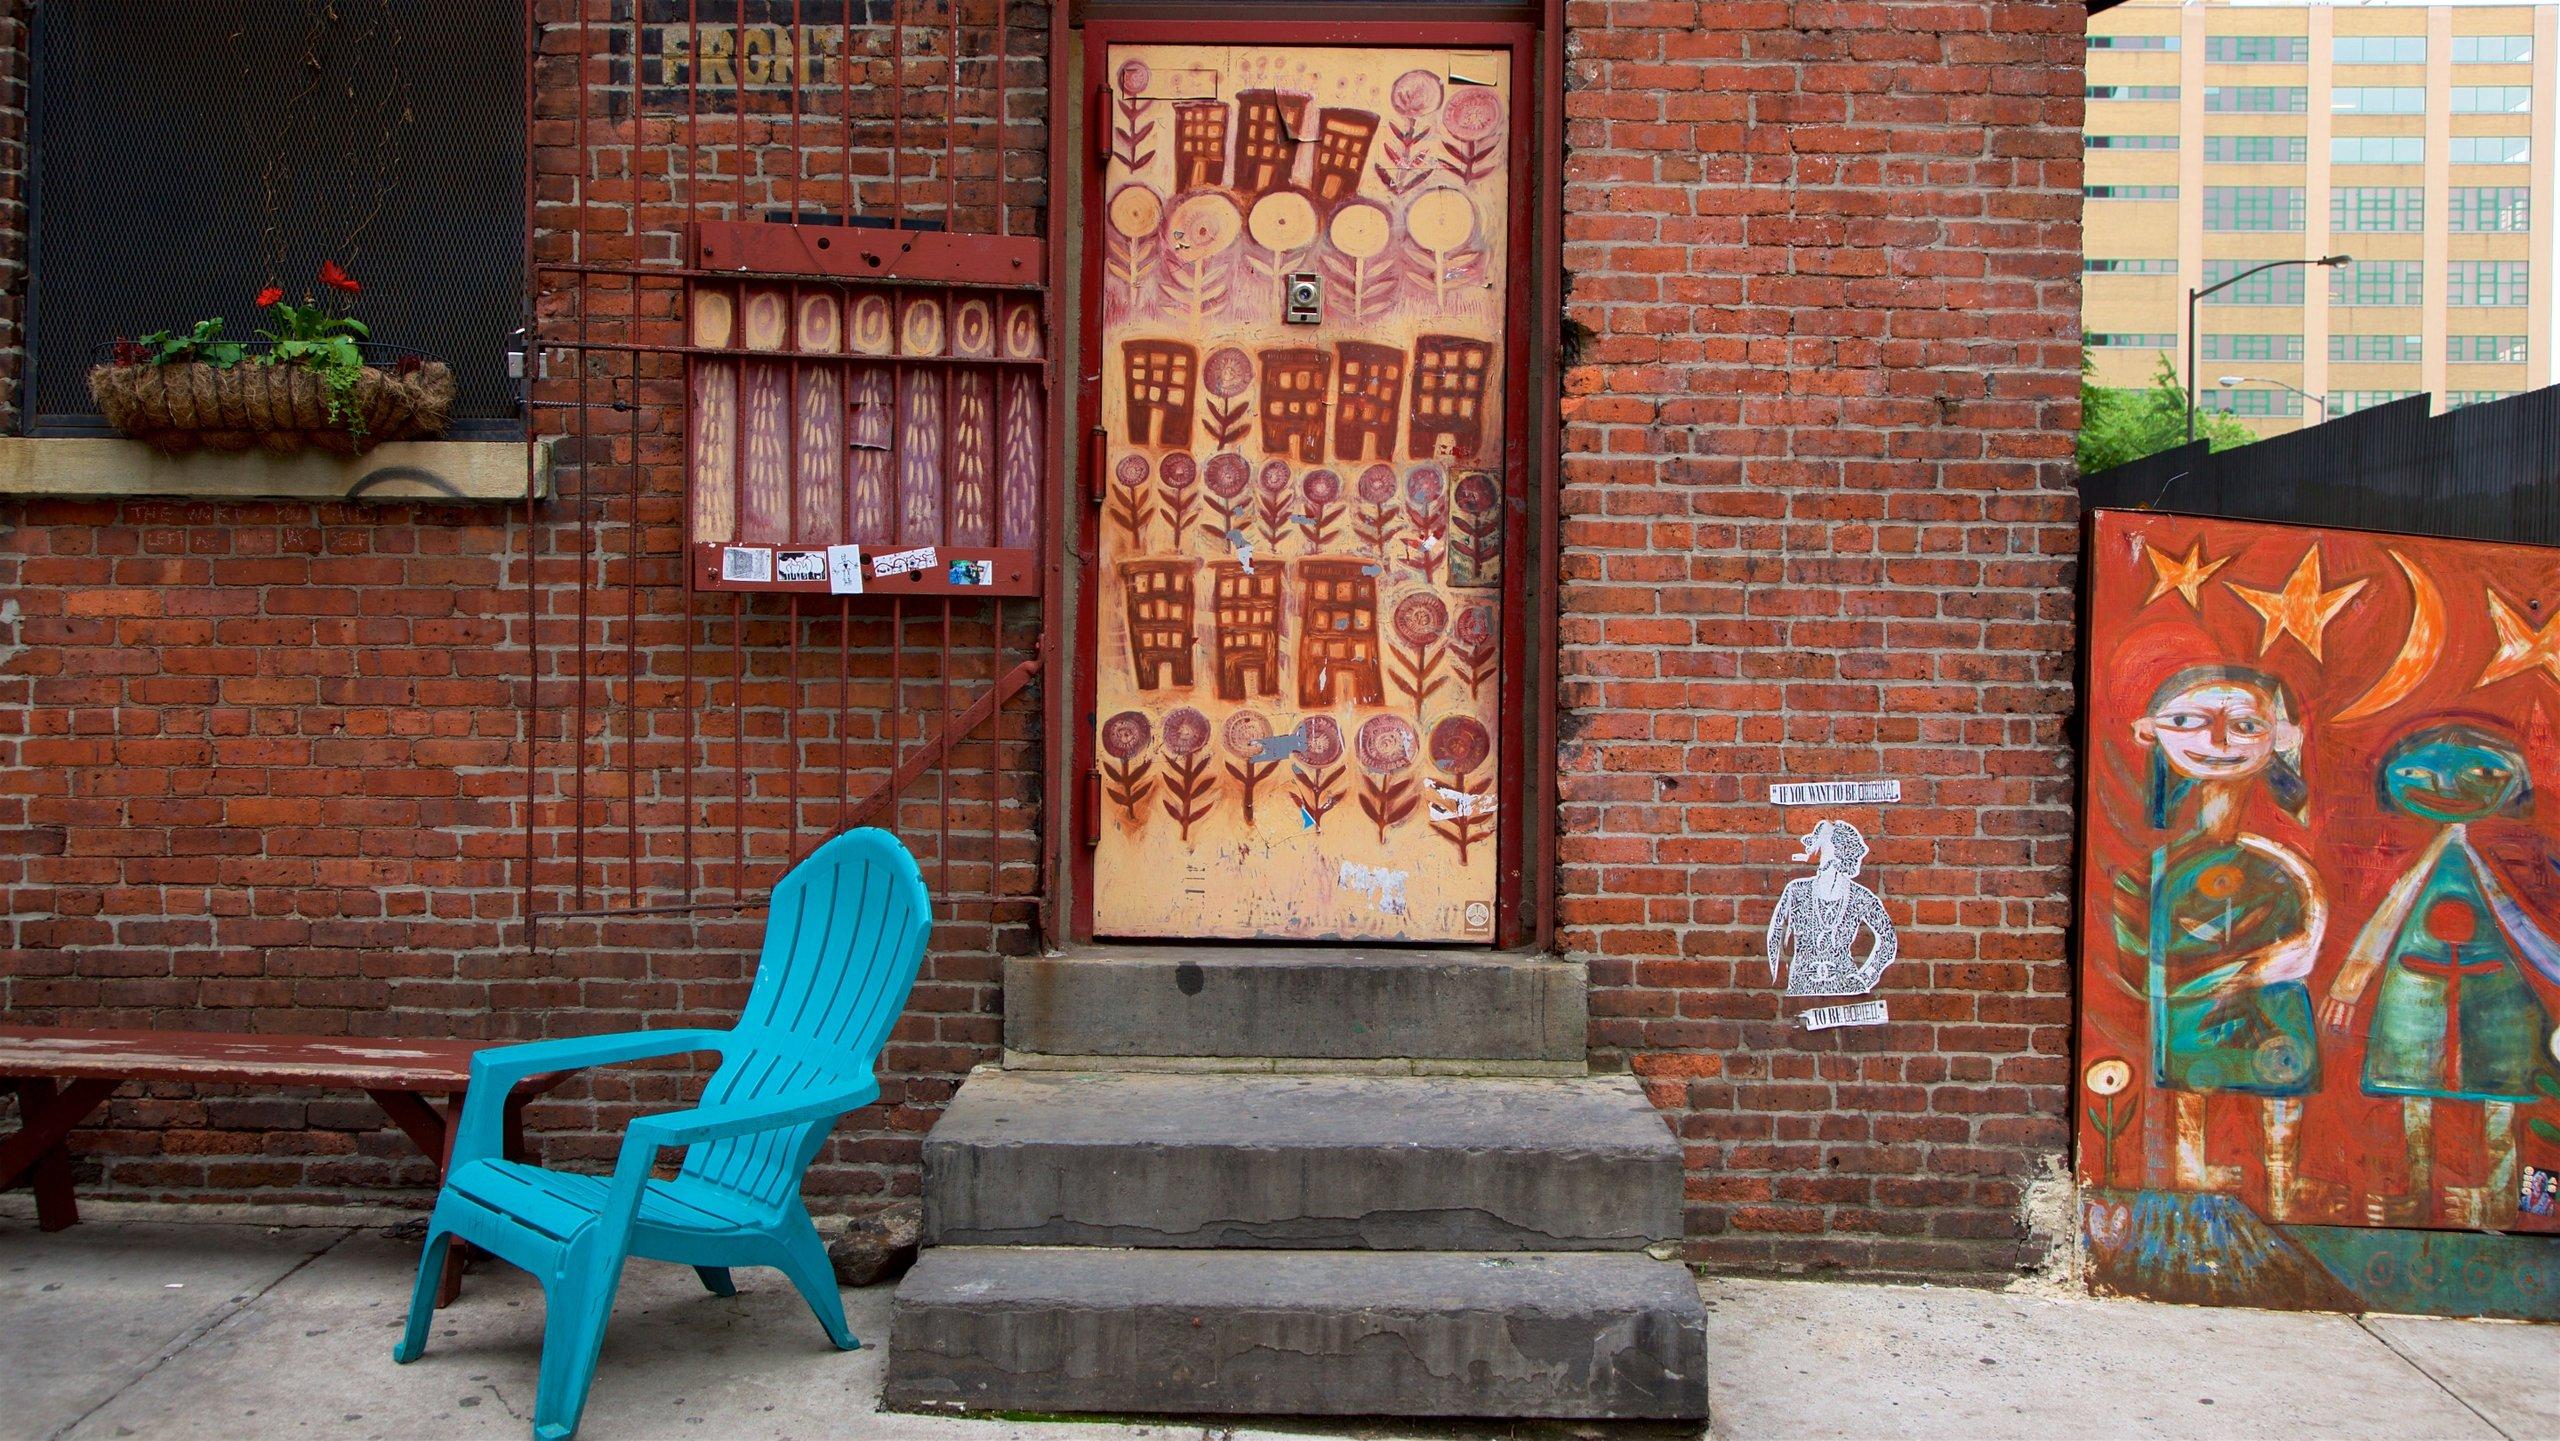 Downtown Brooklyn caratteristiche di arte urbana